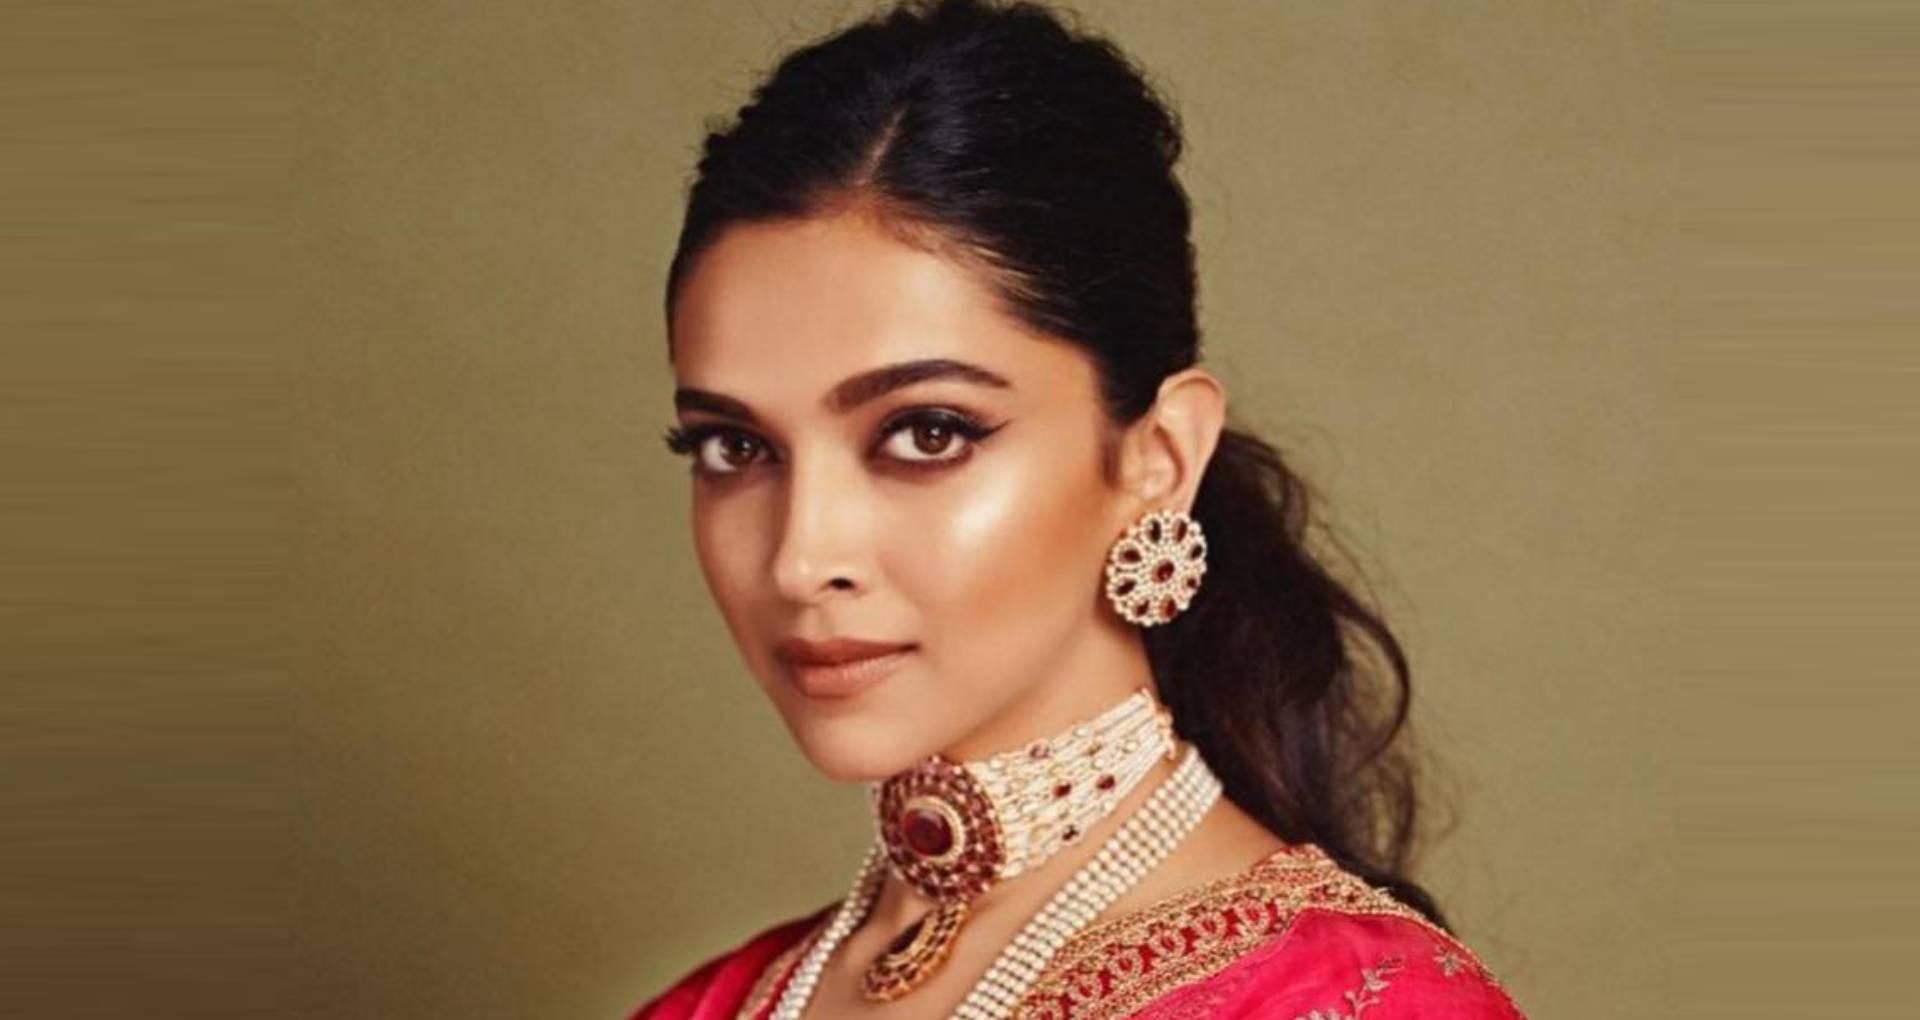 Deepika Padukone Makeup